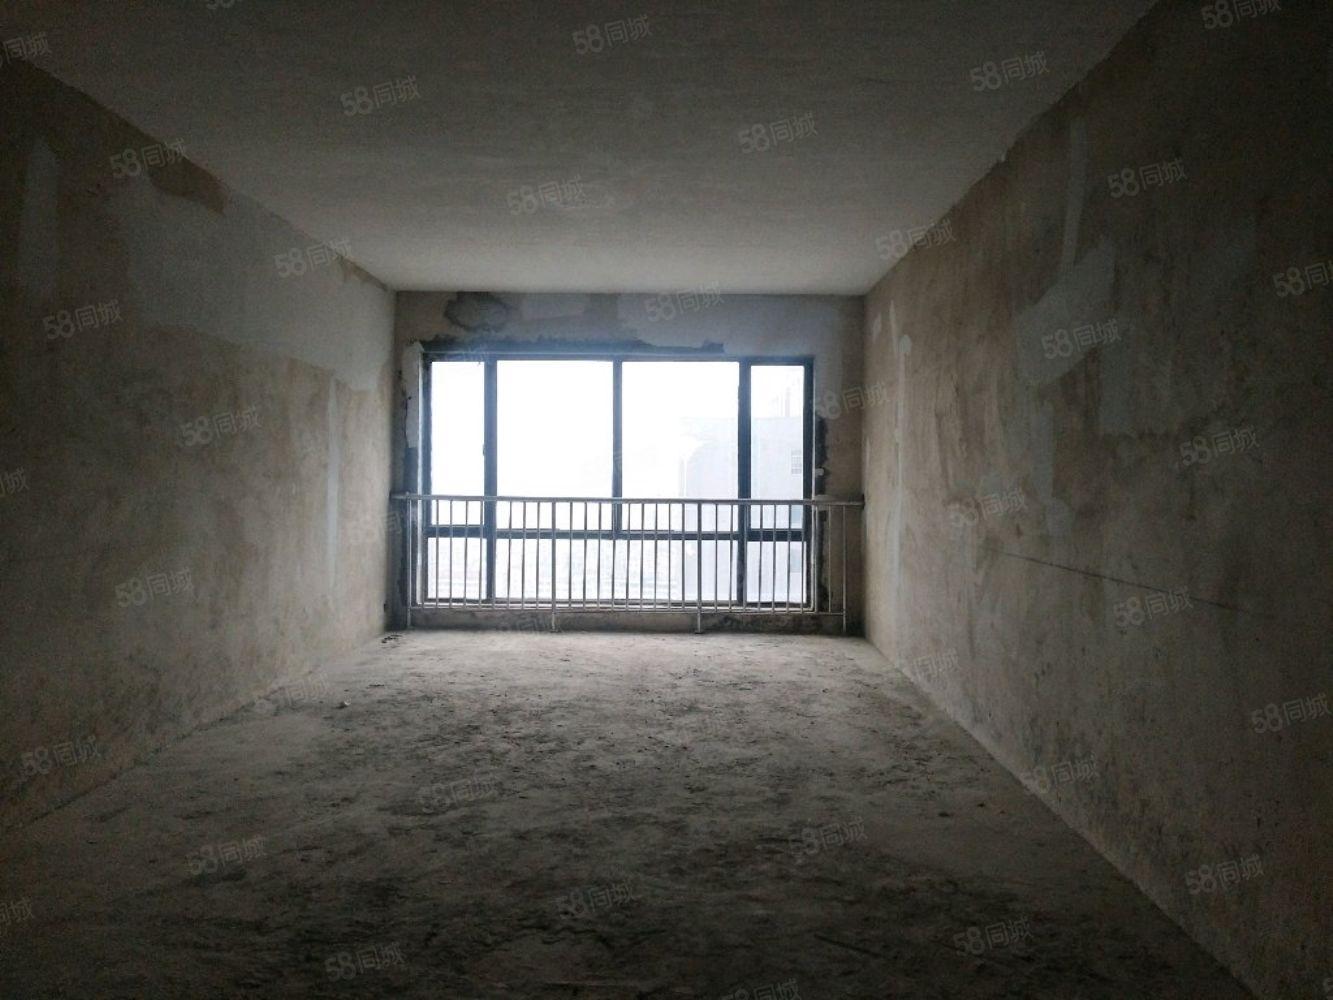 华都嘉园毛坯现房143平,3室2卫,可按揭,低首付